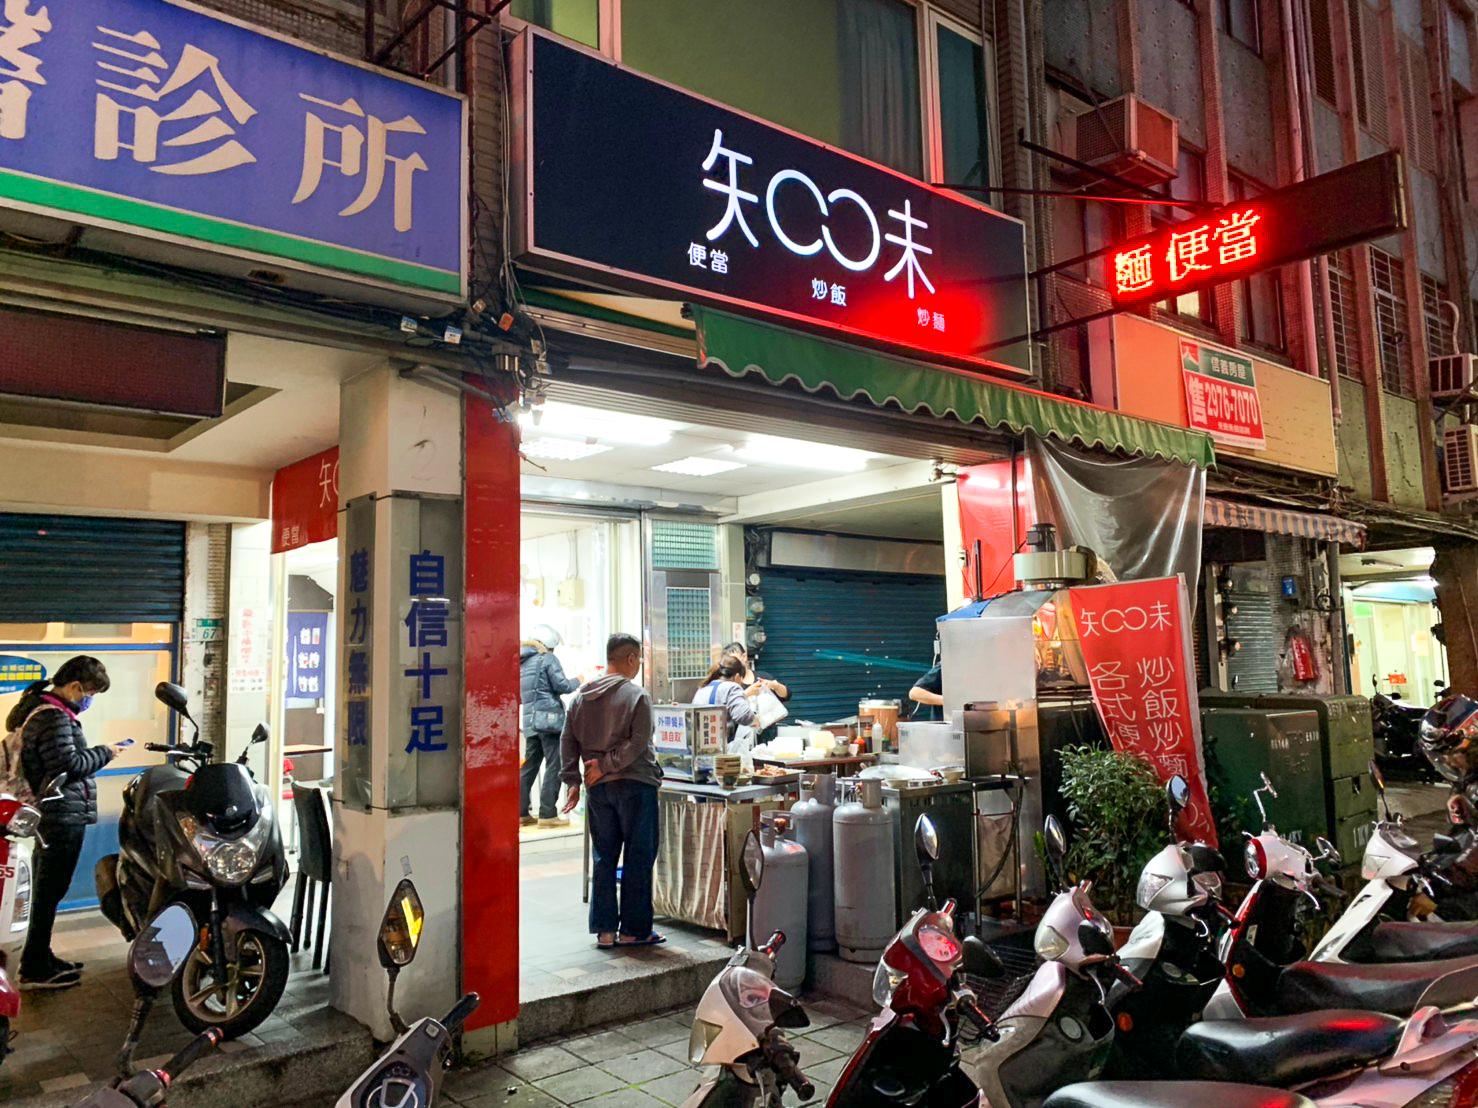 知味,三重知味,三重美食,三重小吃,三重晚餐,三重便當,三重,台北,龍門路美食,炒飯,雞腿飯